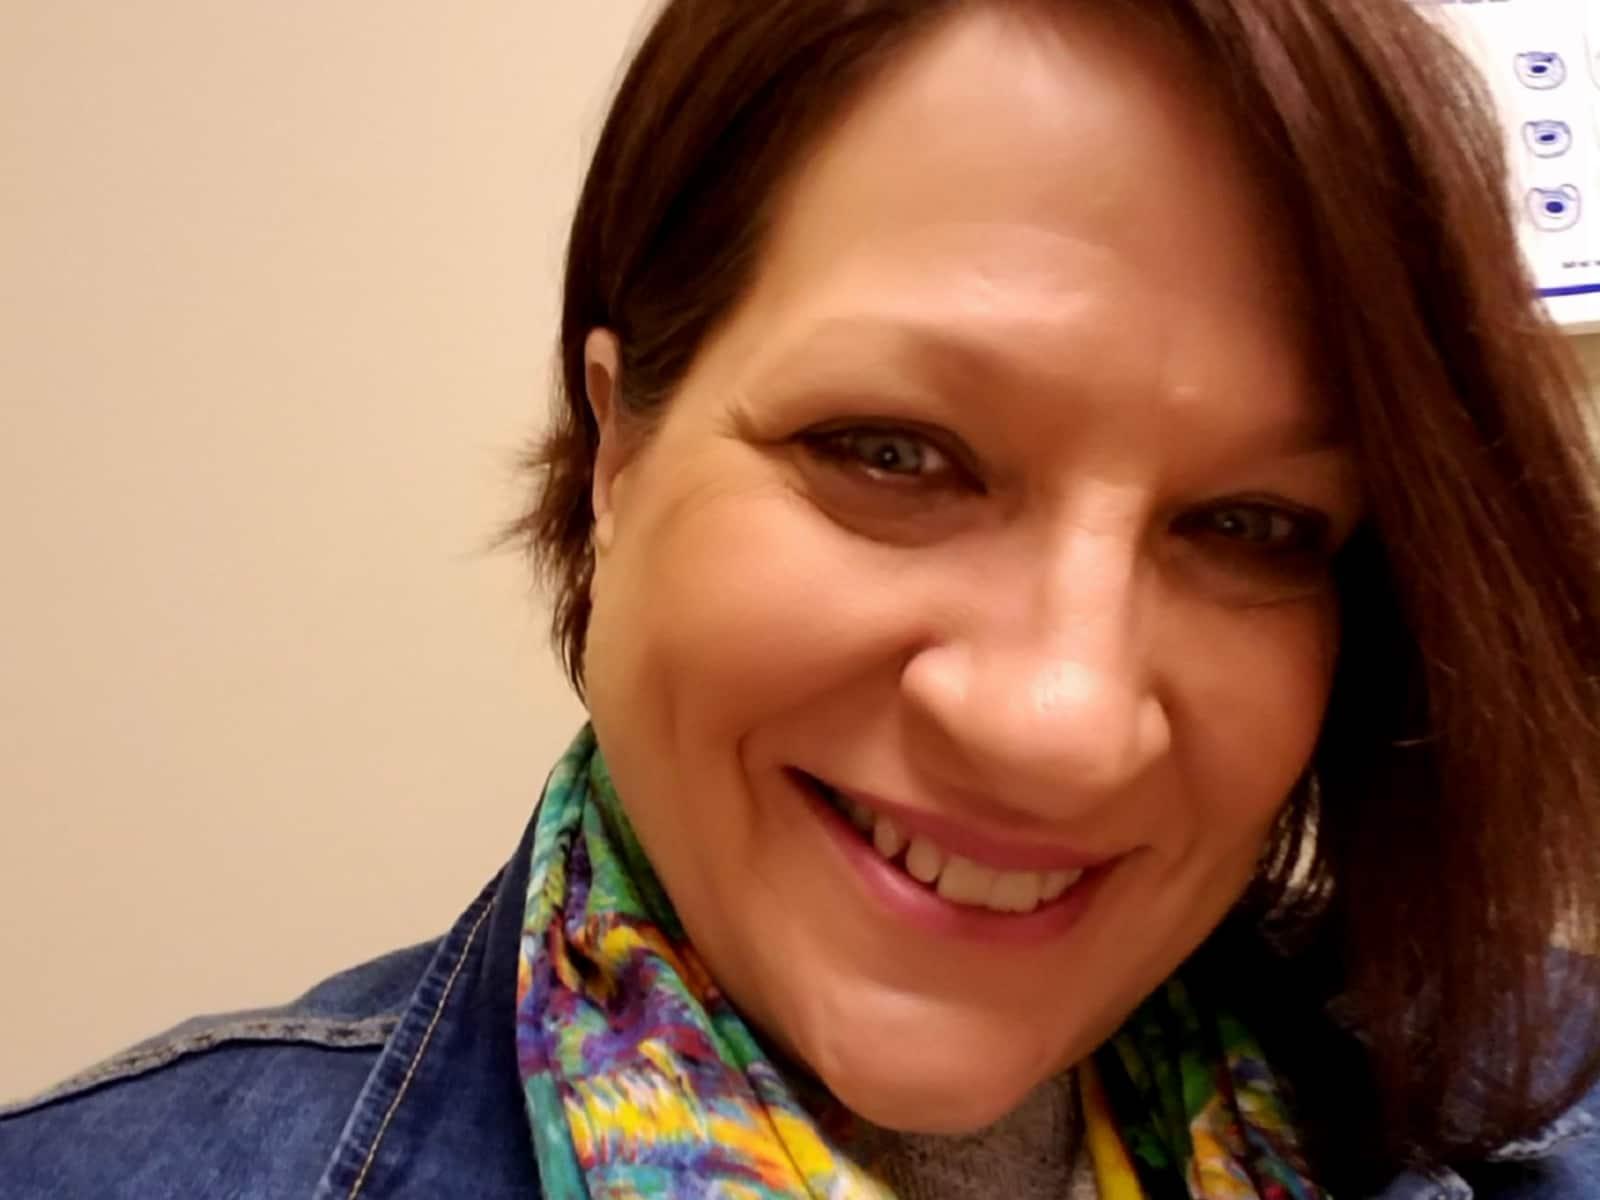 Johnna from Murfreesboro, Tennessee, United States